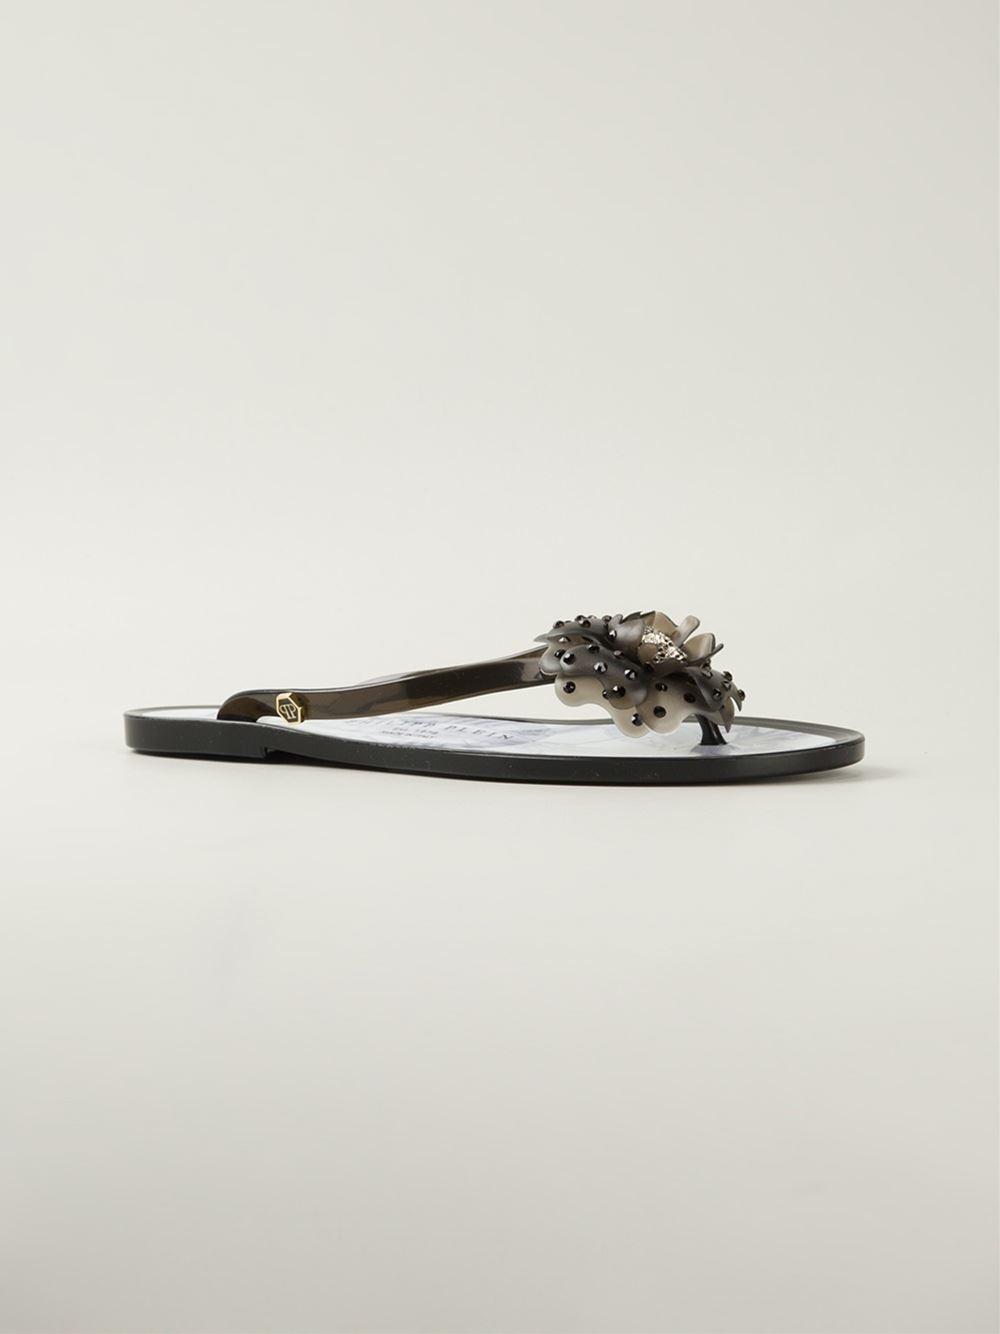 105f7888d36c4 Philipp Plein  Flower  Flip Flops in Black - Lyst